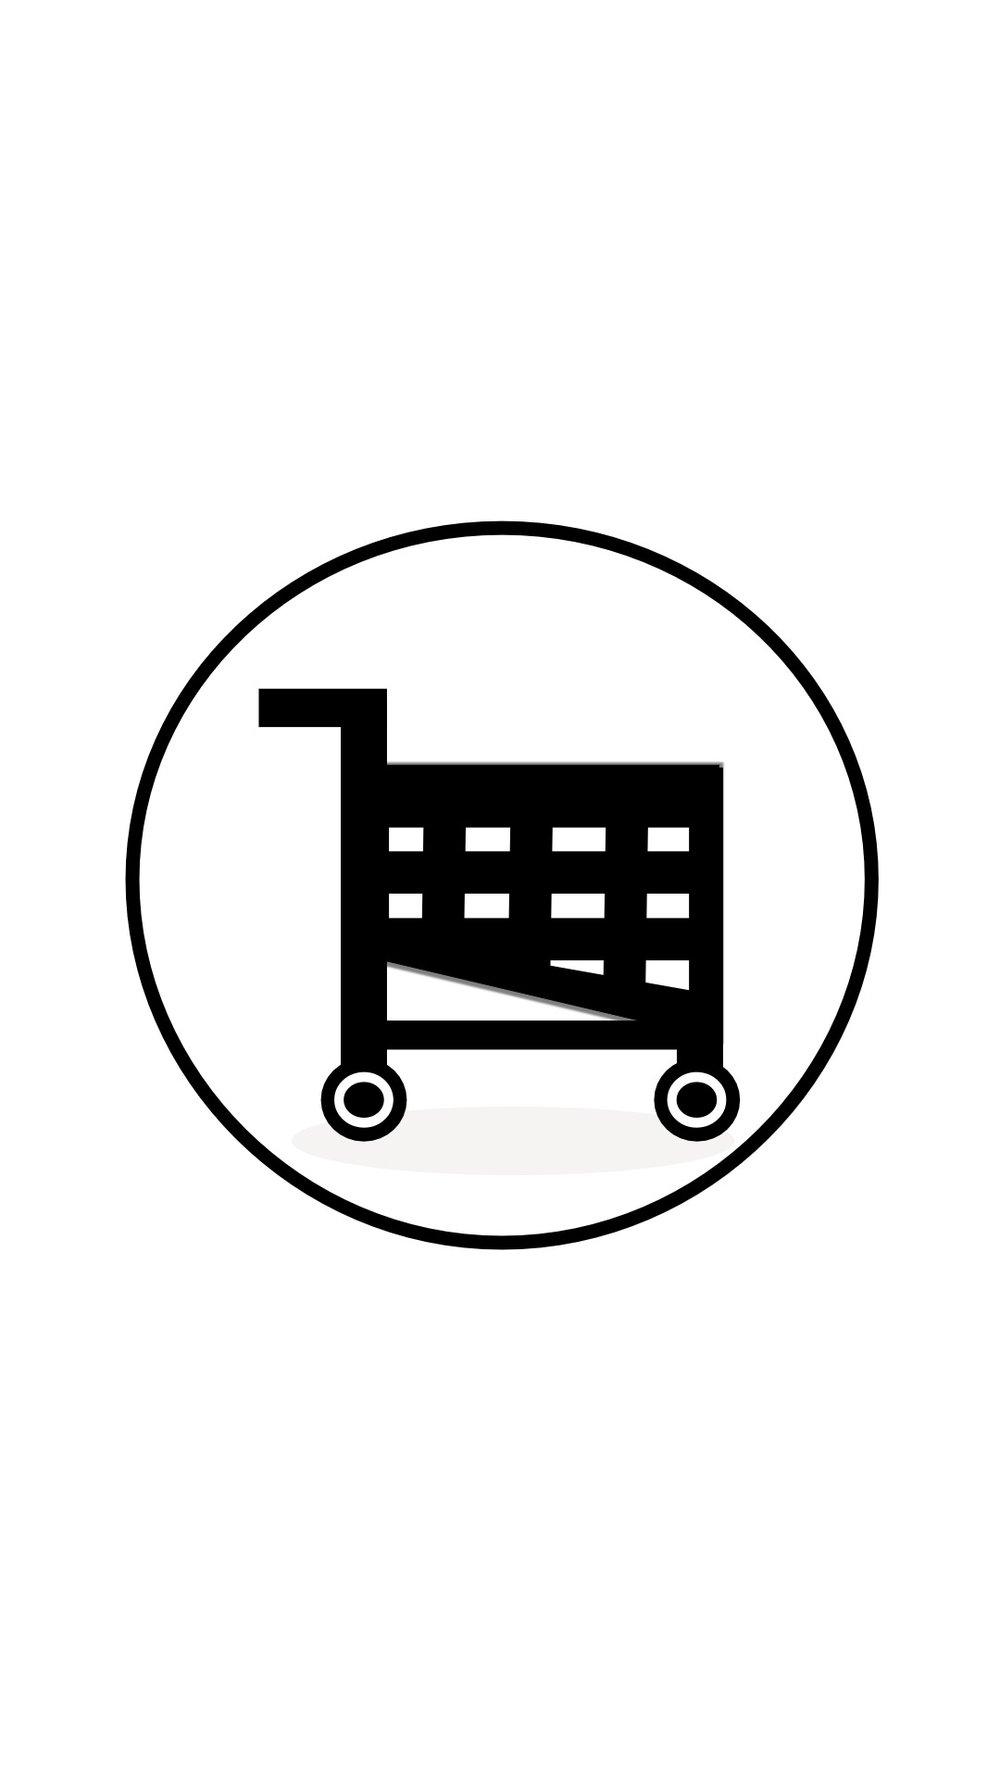 Instagram-cover-shoppingcar-blackwhite-lotnotes.com.jpg